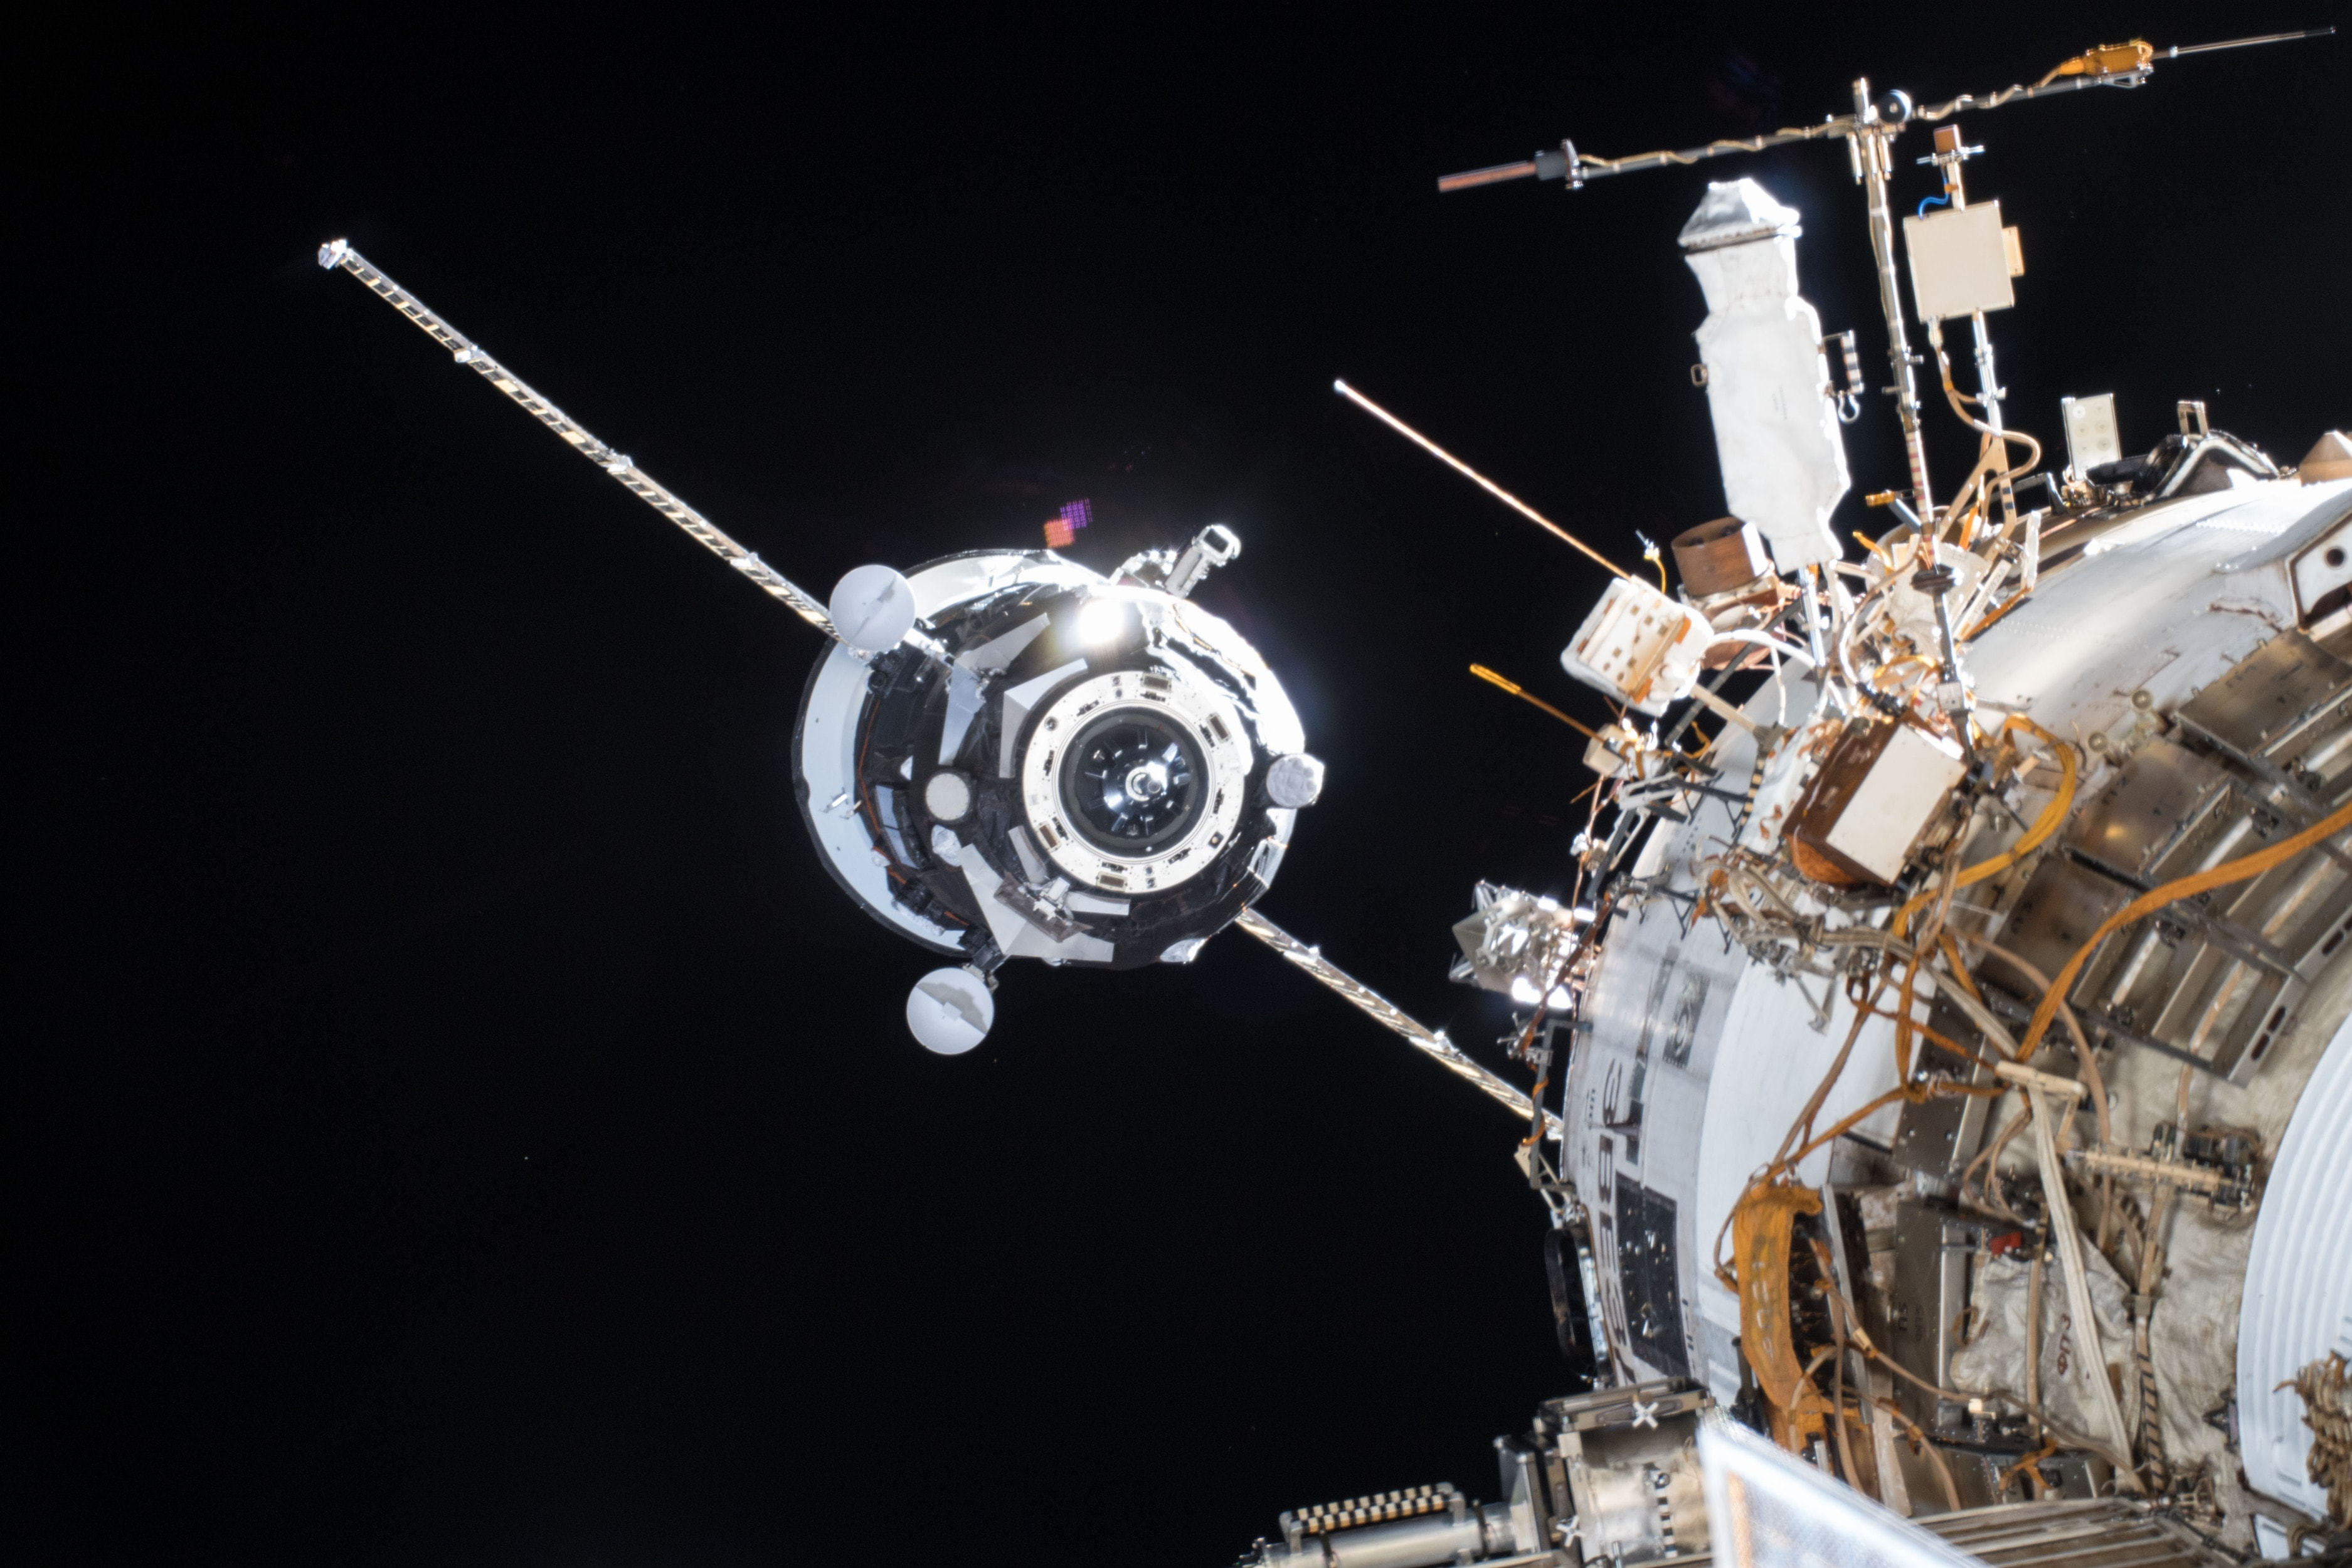 Транспортный беспилотный грузовой космический корабль «Прогресс МС-08» во время стыковки с МКС. Разработан РКК «Энергия» имени С. П. Королёва. Автоматический грузовой корабли обладает сложнейшей системой управления движением и навигации, бортовой радиотехническая системой «Квант-В», которые требуют самого внимательного подхода к задачам ЭМС. Фотография - НАСА.